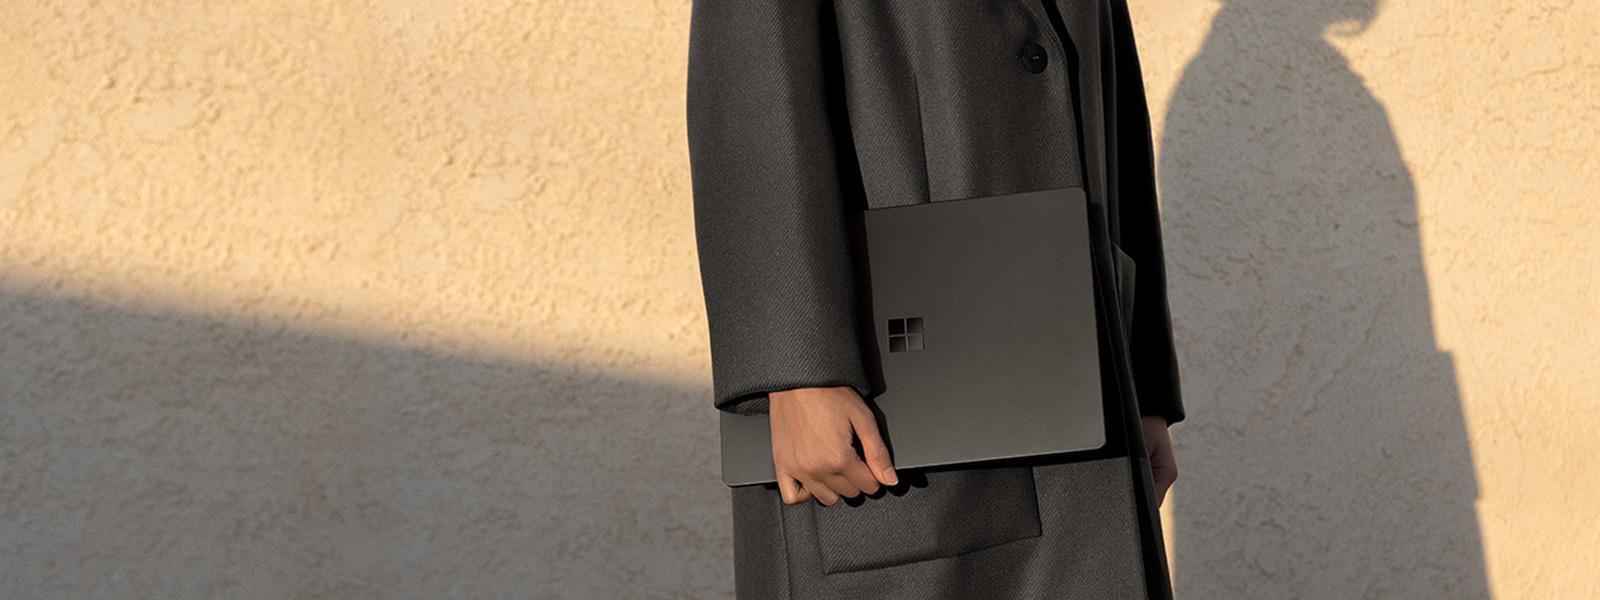 Uma pessoa com um casaco preto vestido a segurar num Surface Laptop 2 em Preto ao seu lado